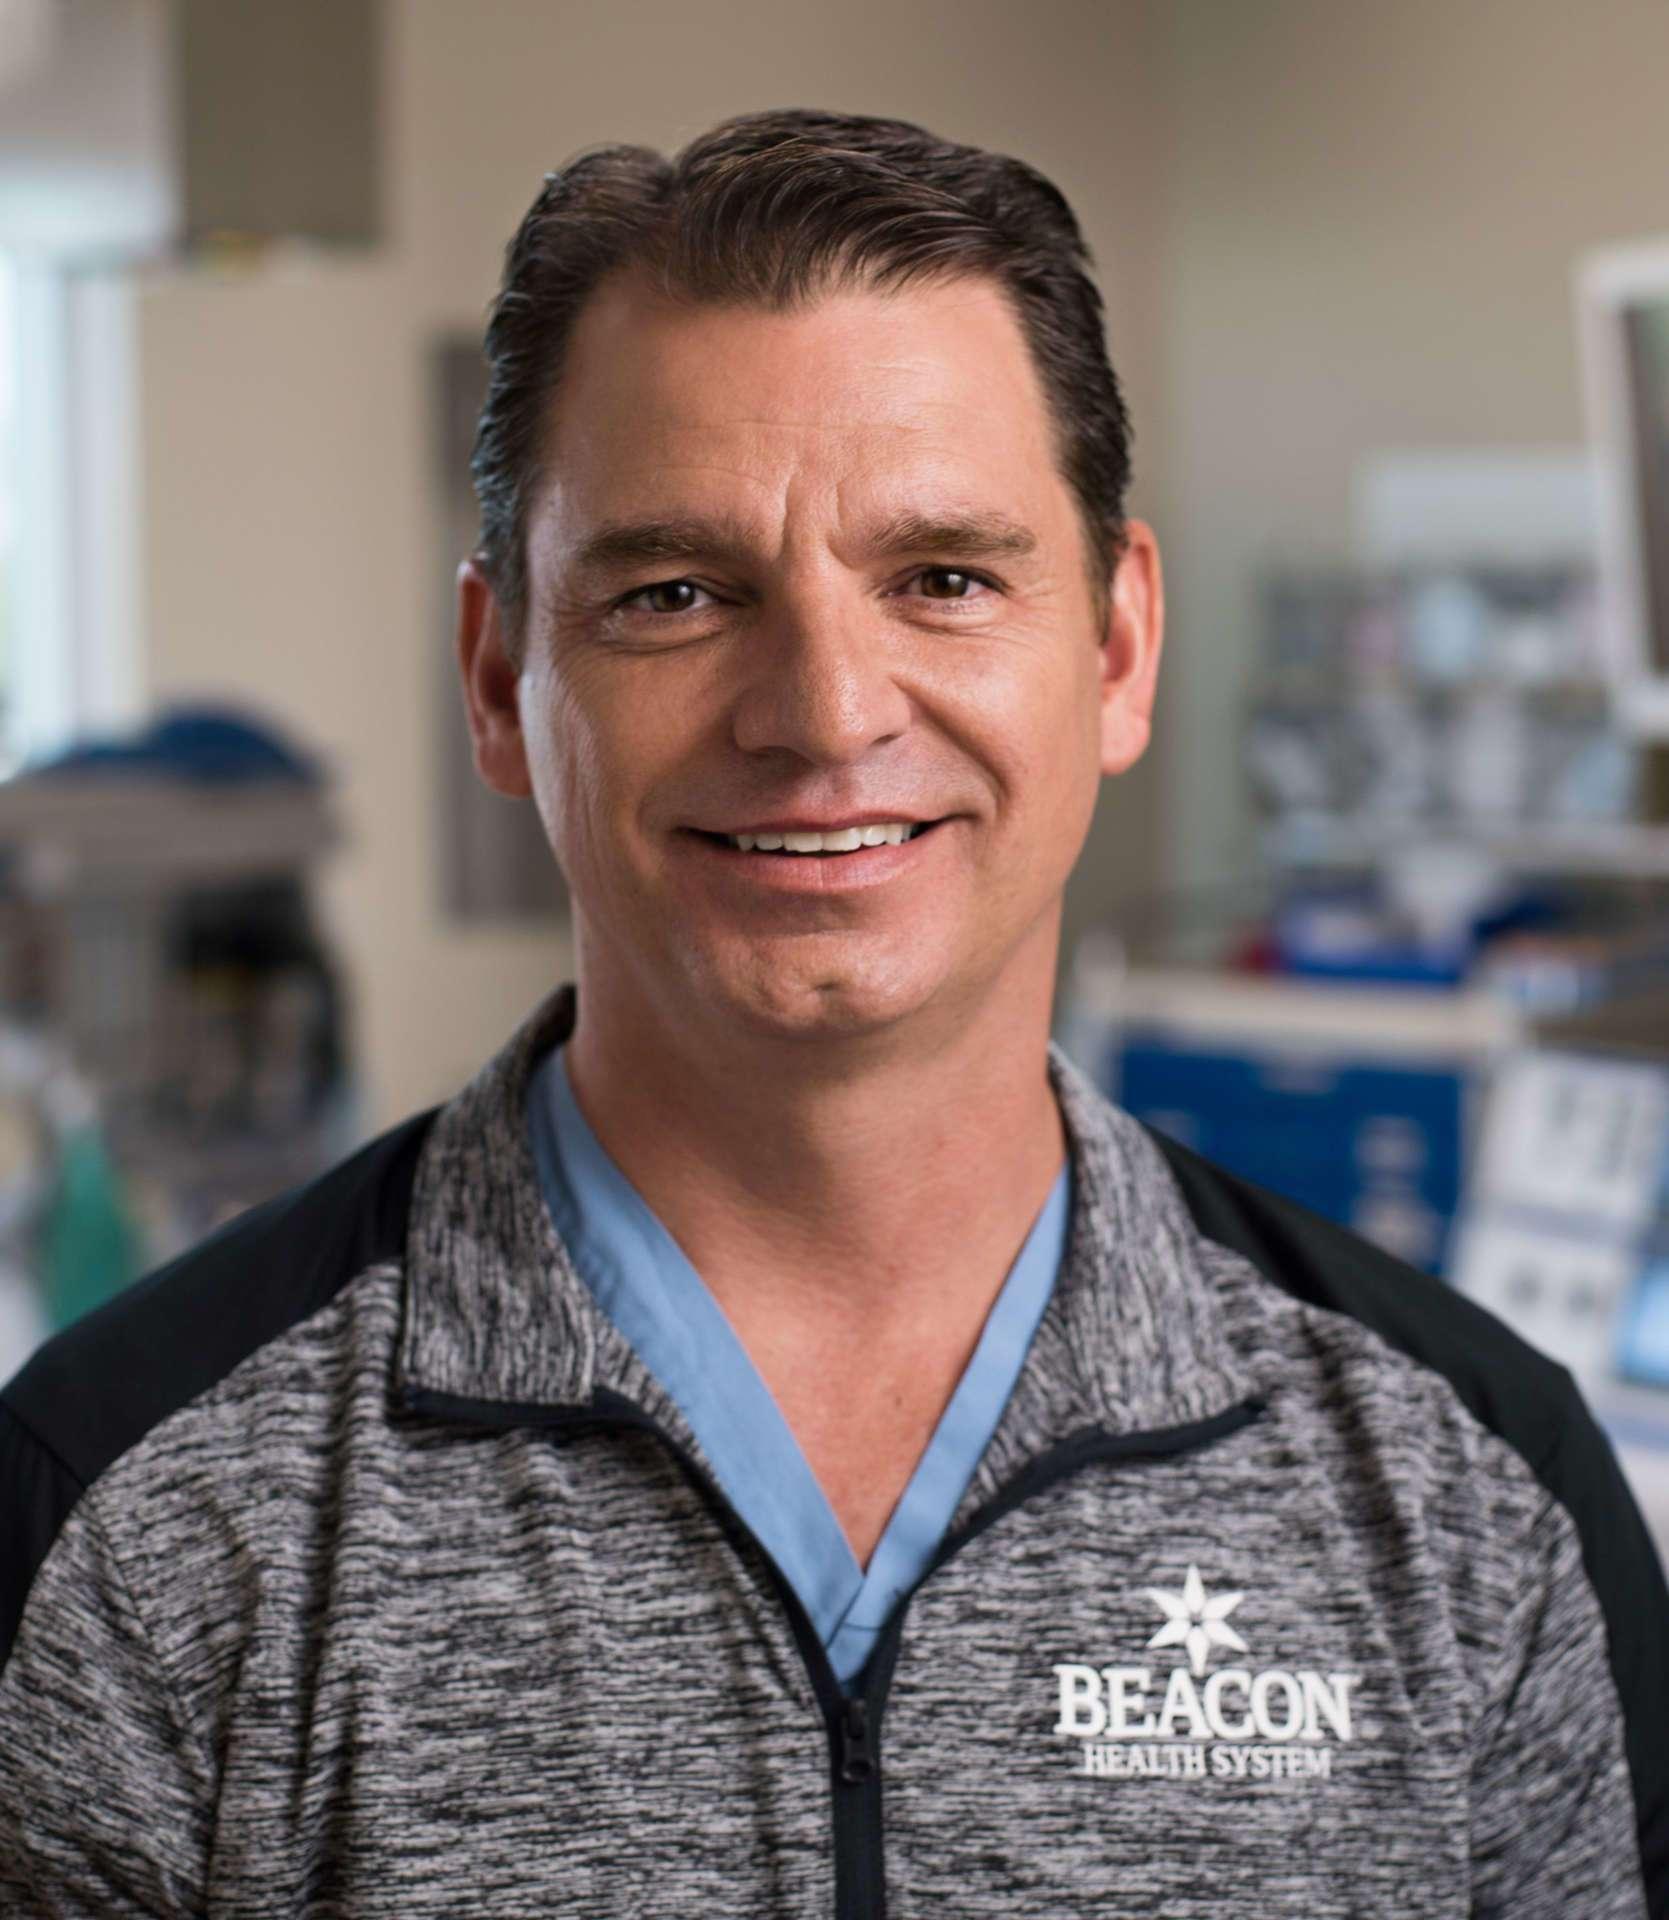 Bryan A  Boyer, MD - Beacon Health System